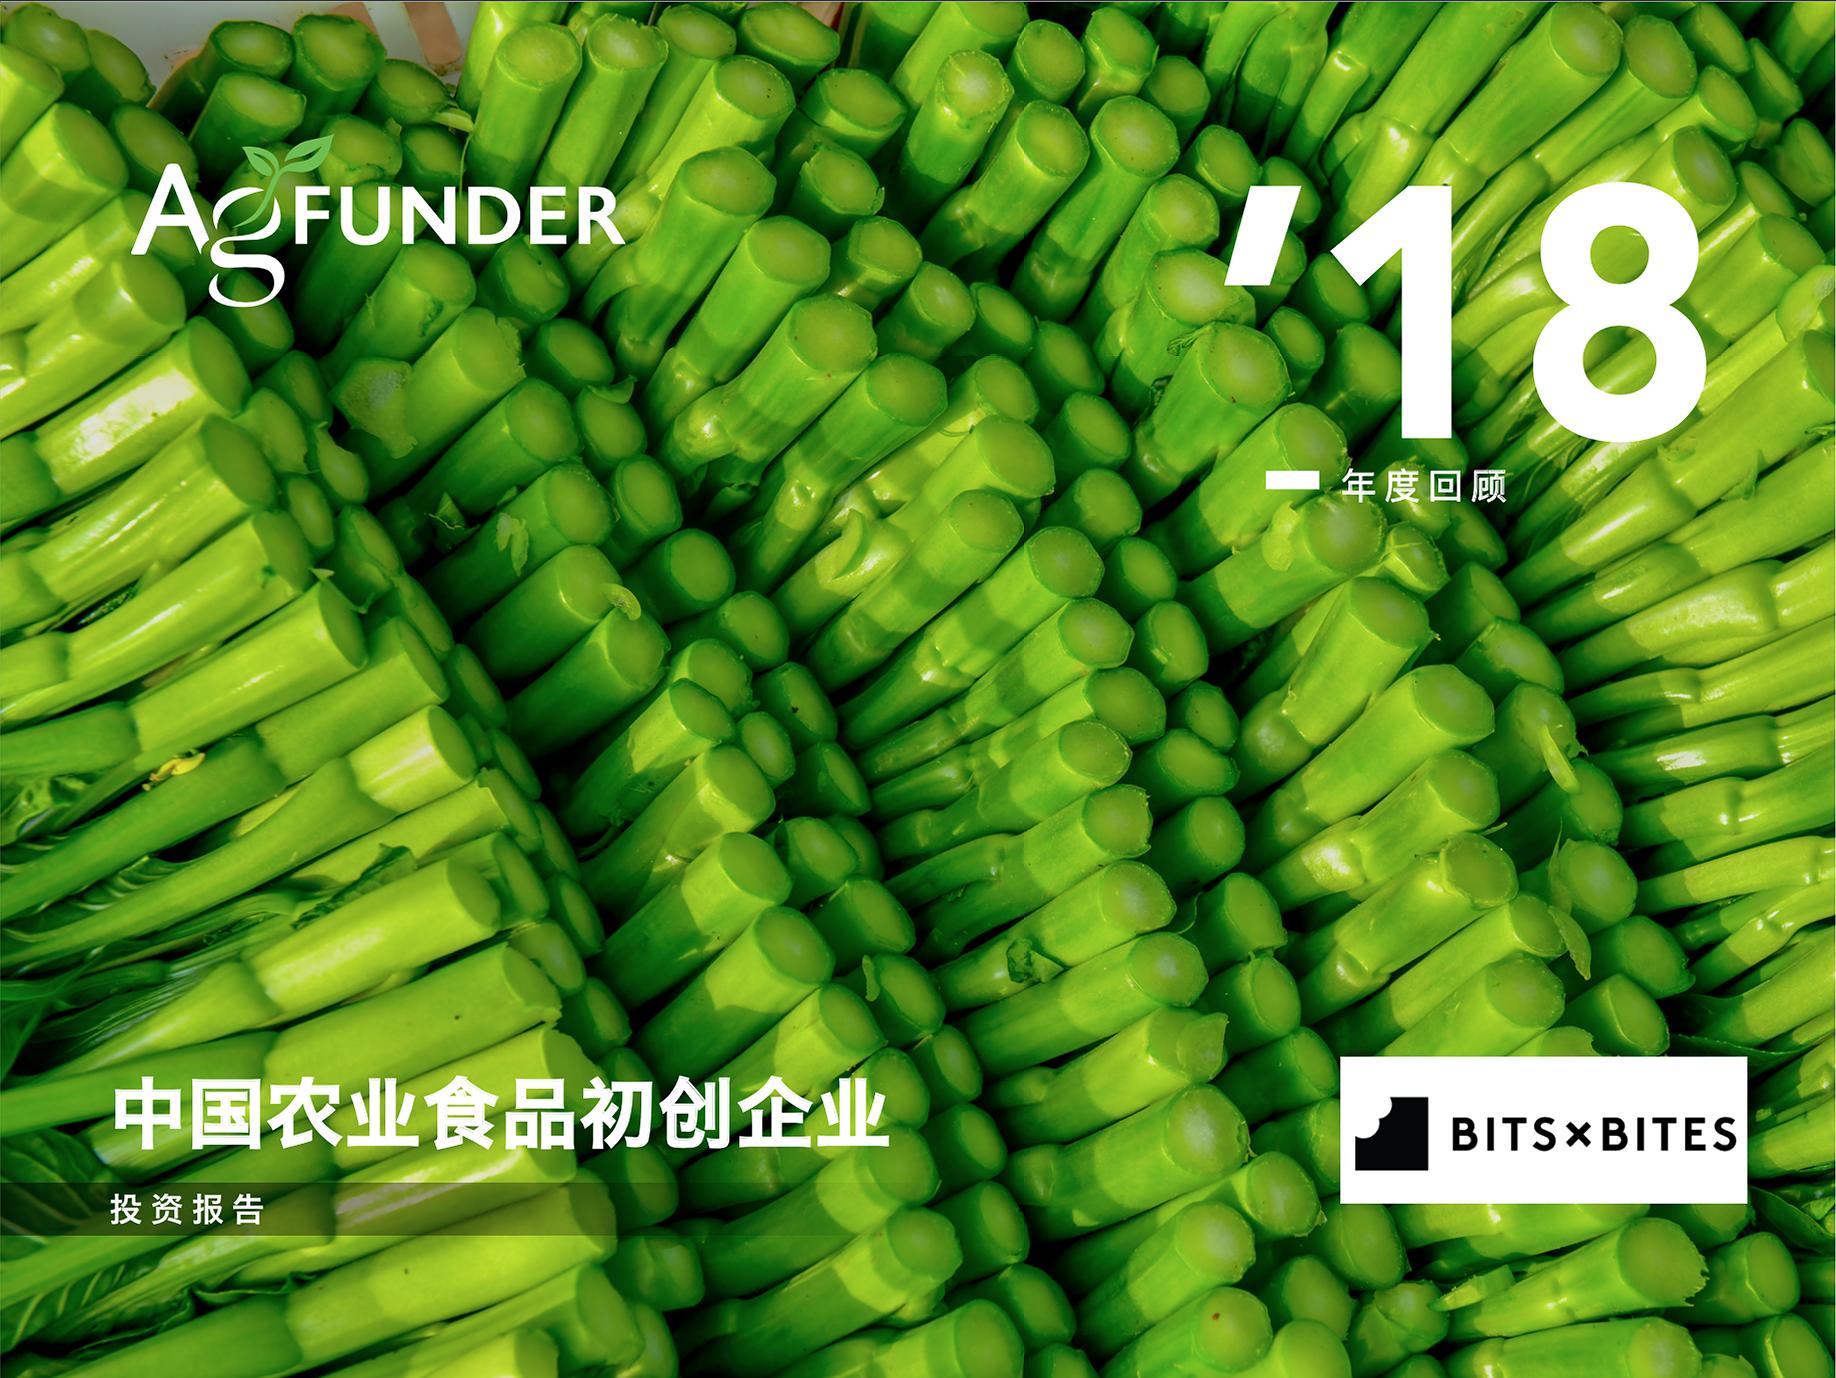 中国农业食品初创企业